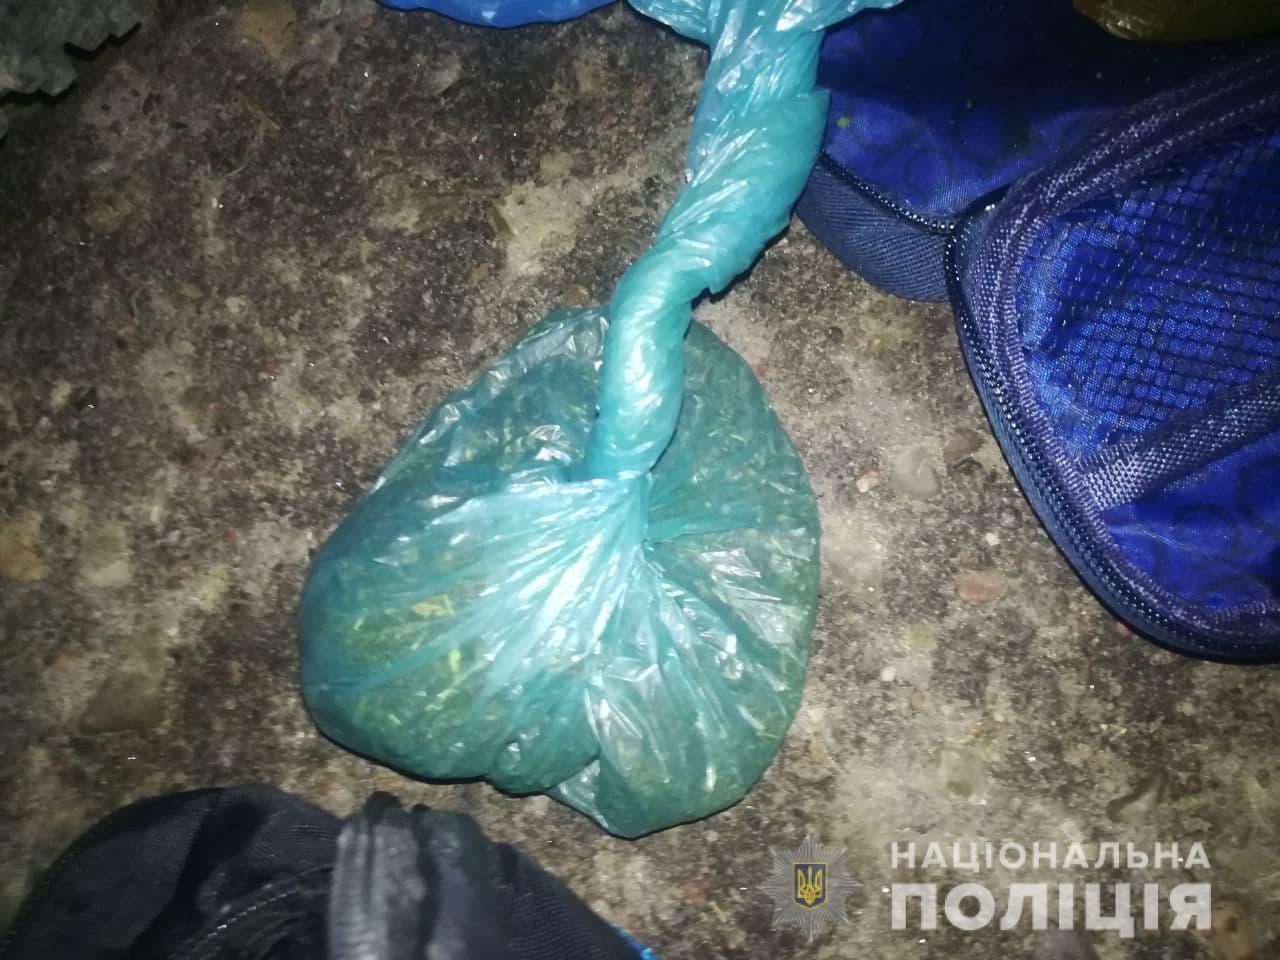 У Луцьку вночі затримали чоловіка з наркотиками